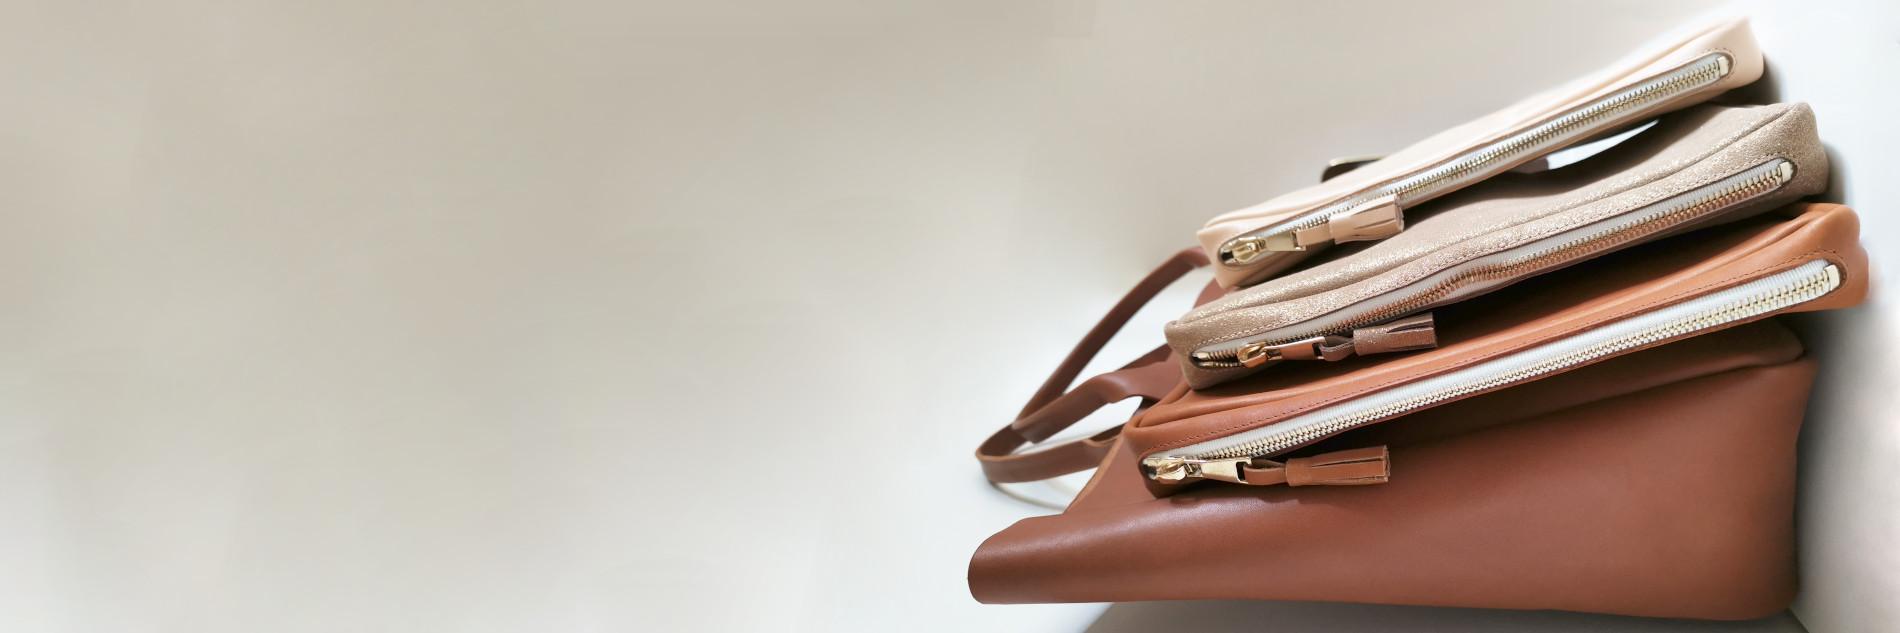 Léonny Cha <p>Des accessoires de cuir dans un style chic naturel et minimaliste</p>